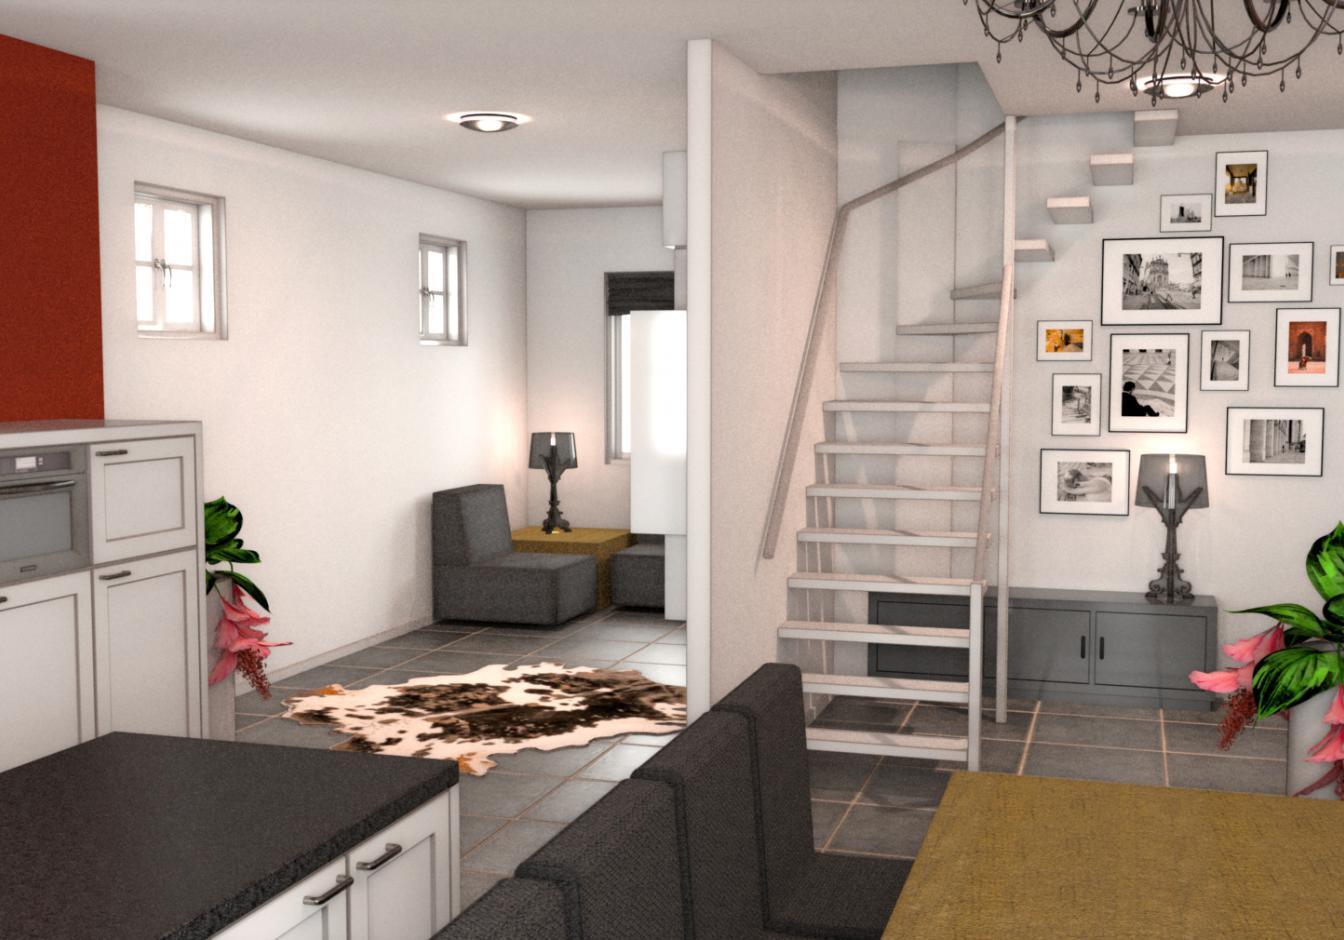 3D aanzicht doorkijk keuken naar hal en woonkamer